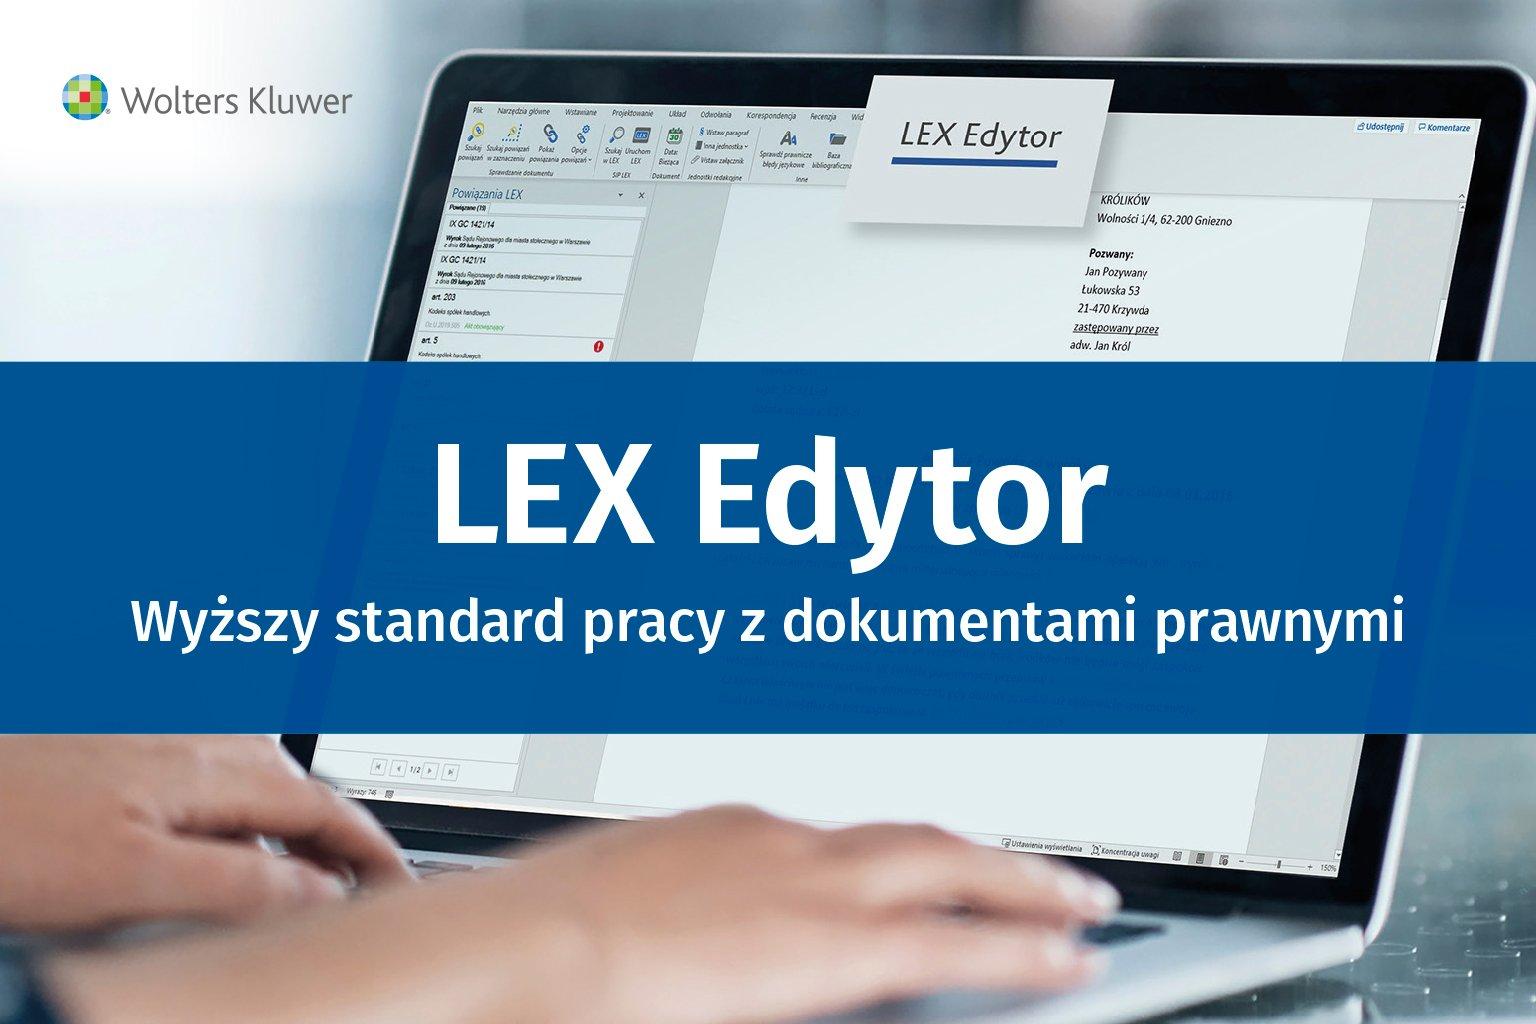 Film promocyjny dotyczący korzyści LEX Edytora